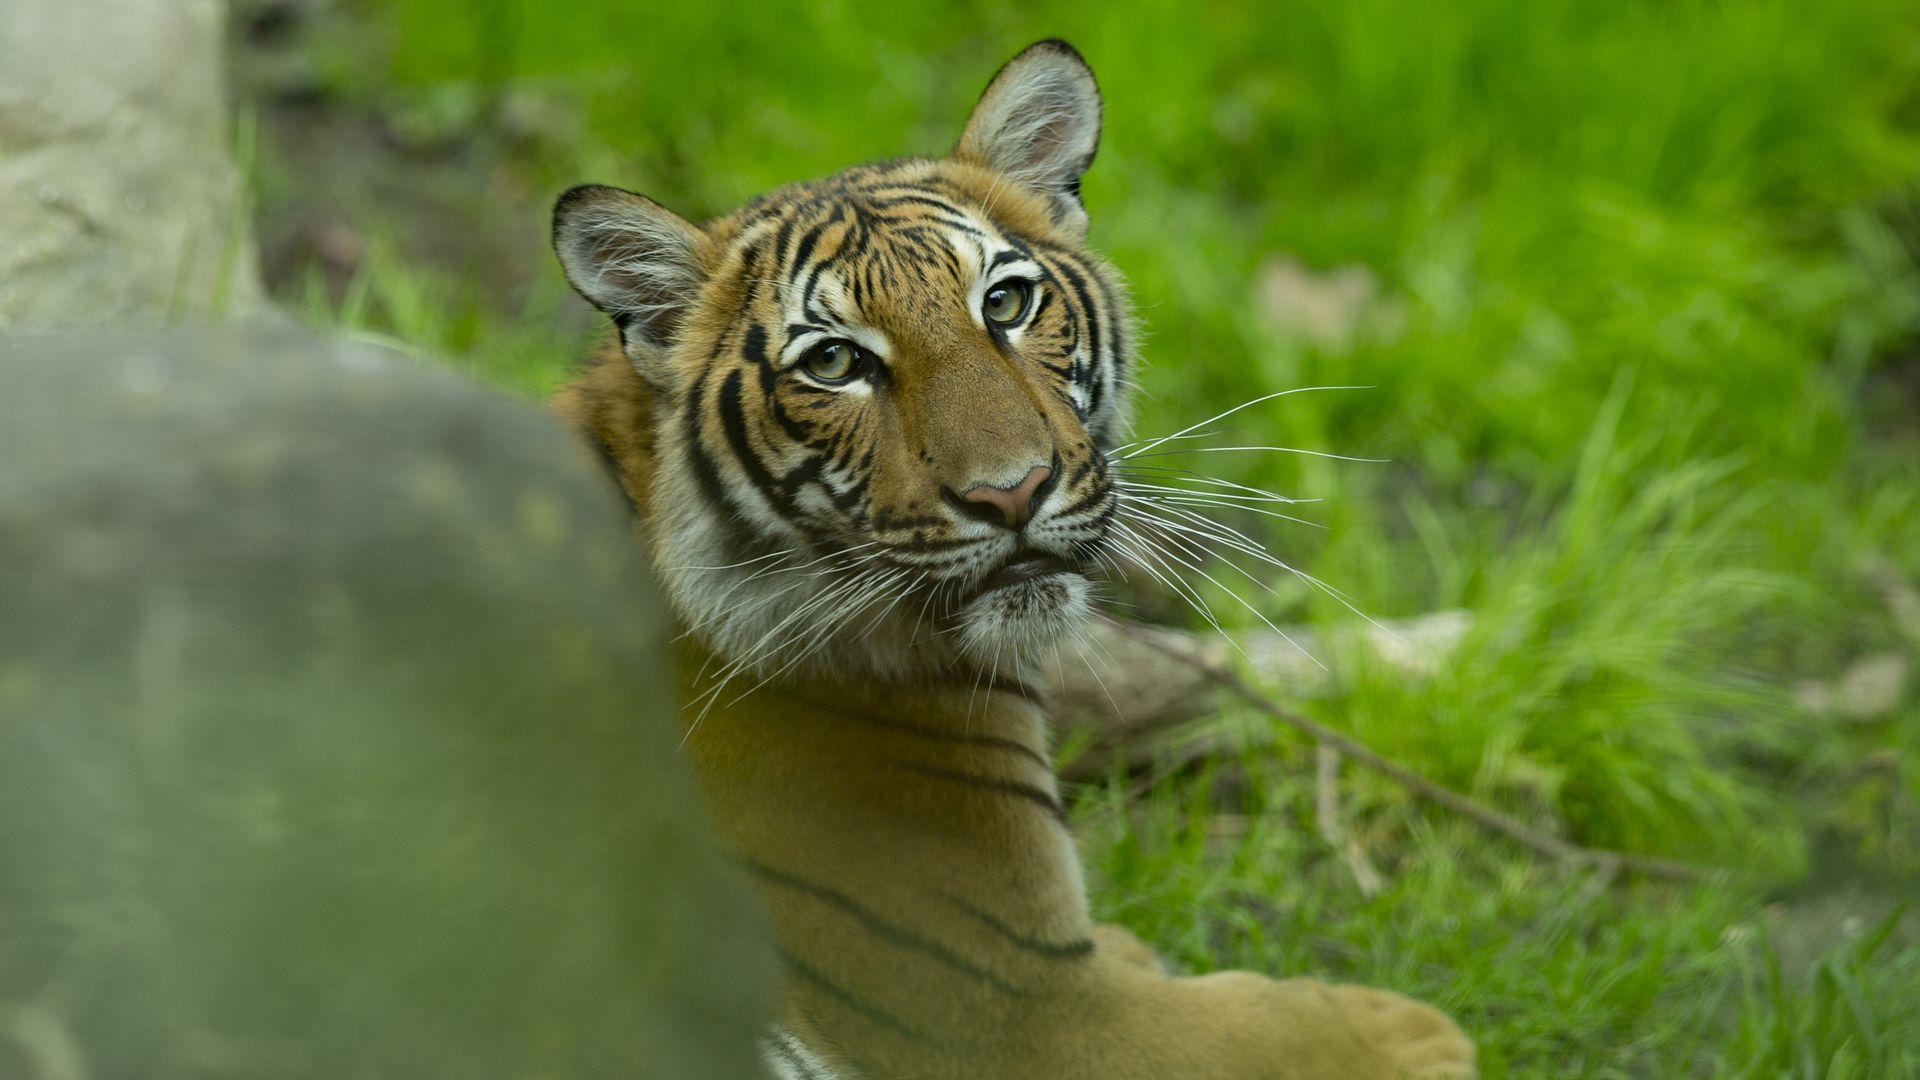 Tiger at Bronx Zoo tests positive for coronavirus - Axios